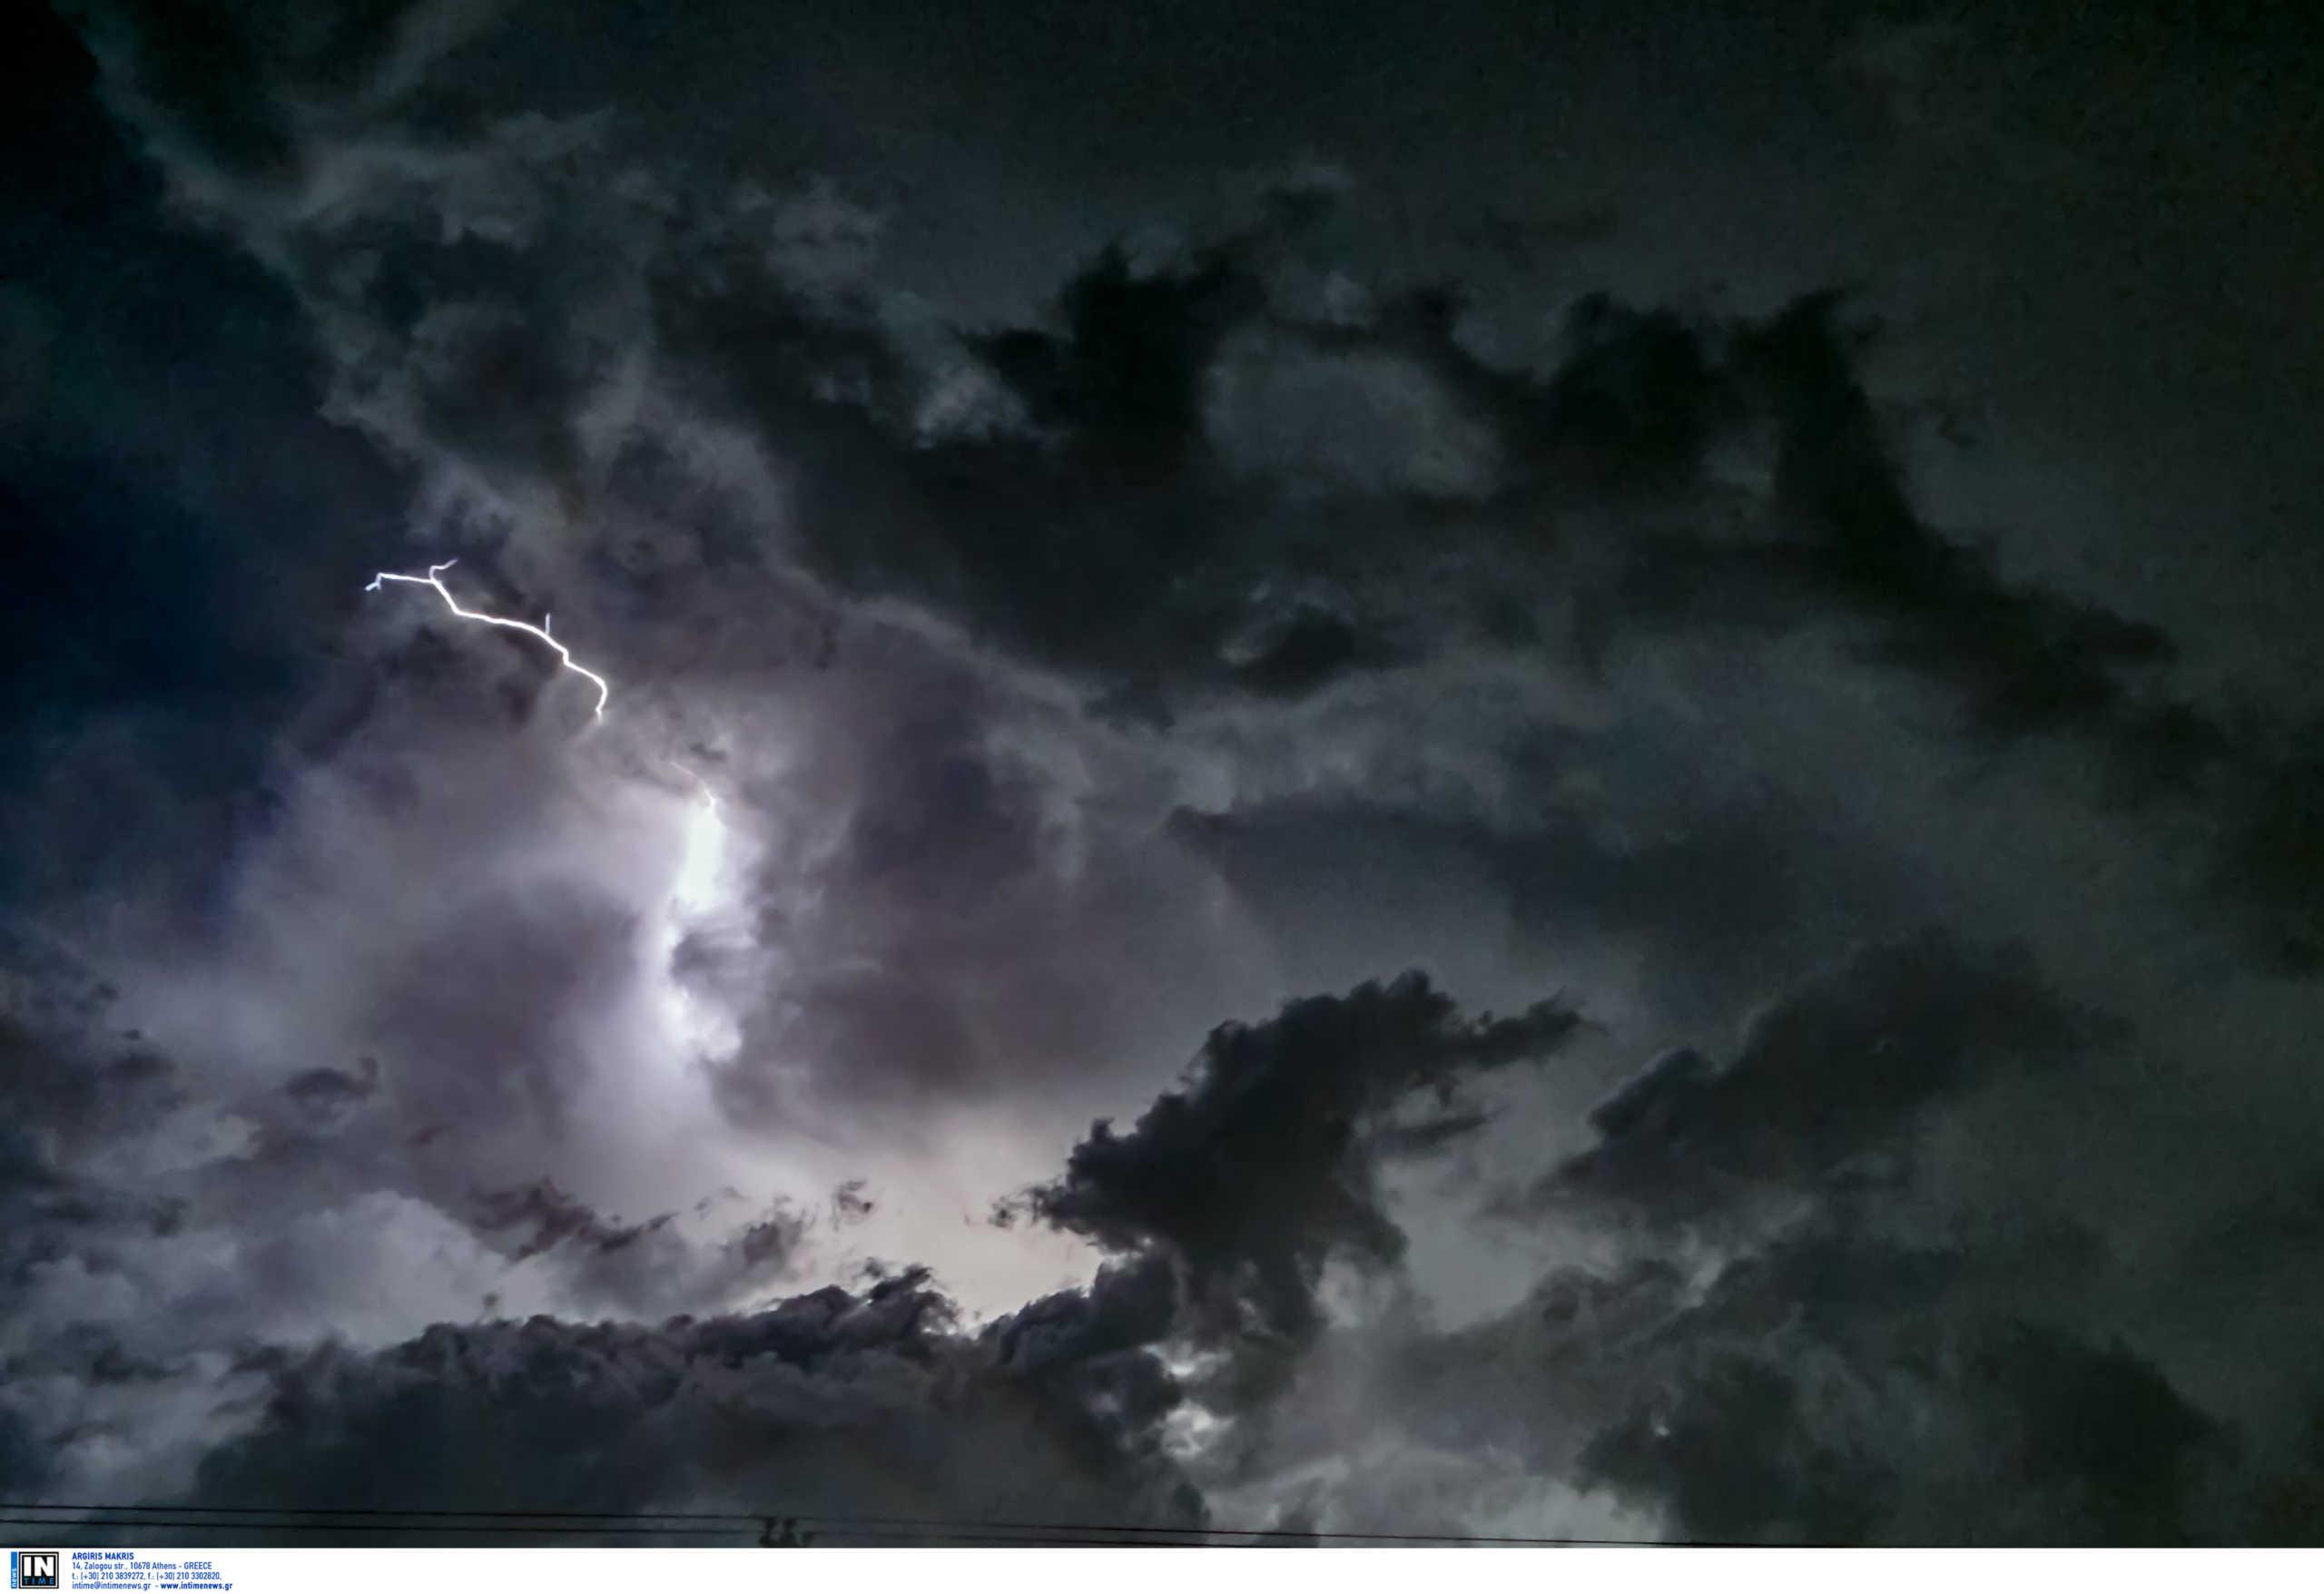 """Καιρός: Η """"Θάλεια"""" σαρώνει στο πέρασμά της με κεραυνούς και καταιγίδες – Που θα χτυπήσει τις επόμενες ώρες"""